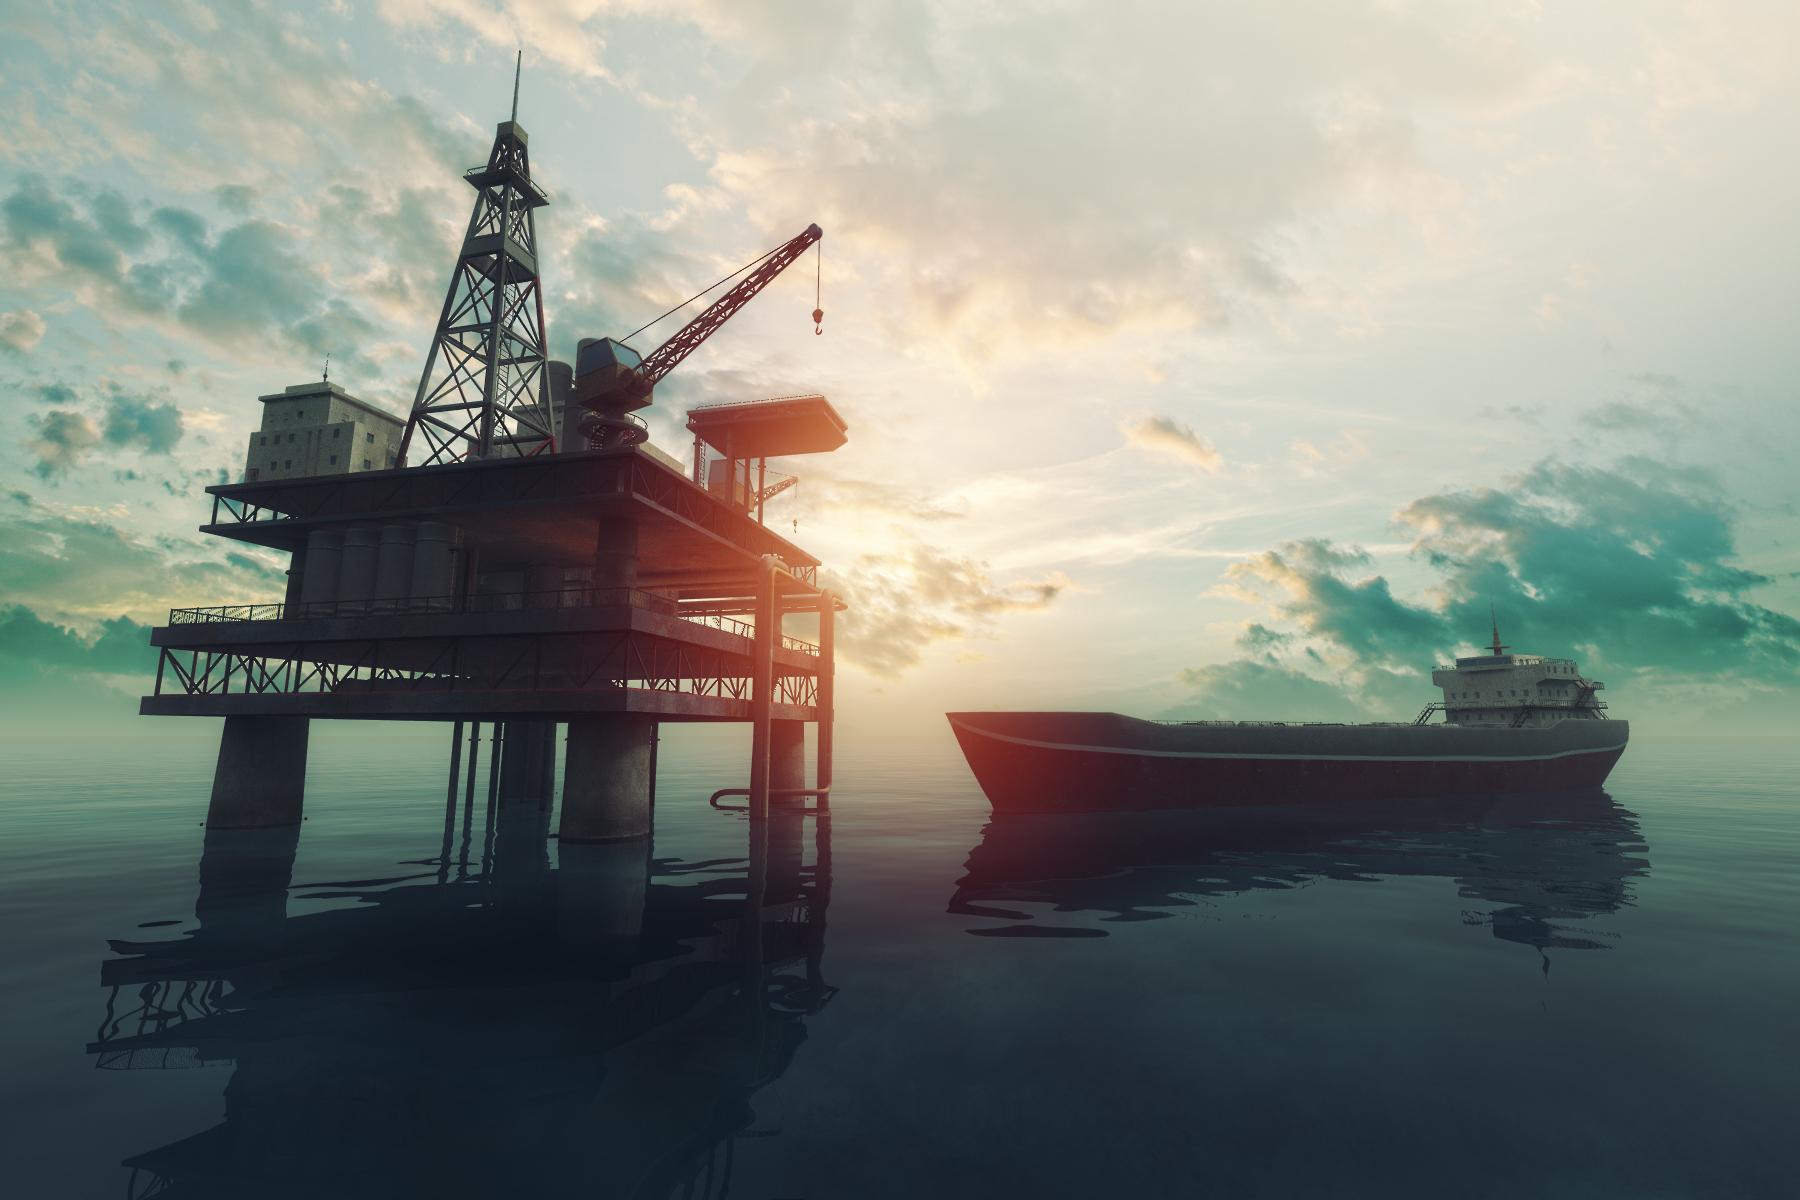 Oil tanker near offshore drilling rig